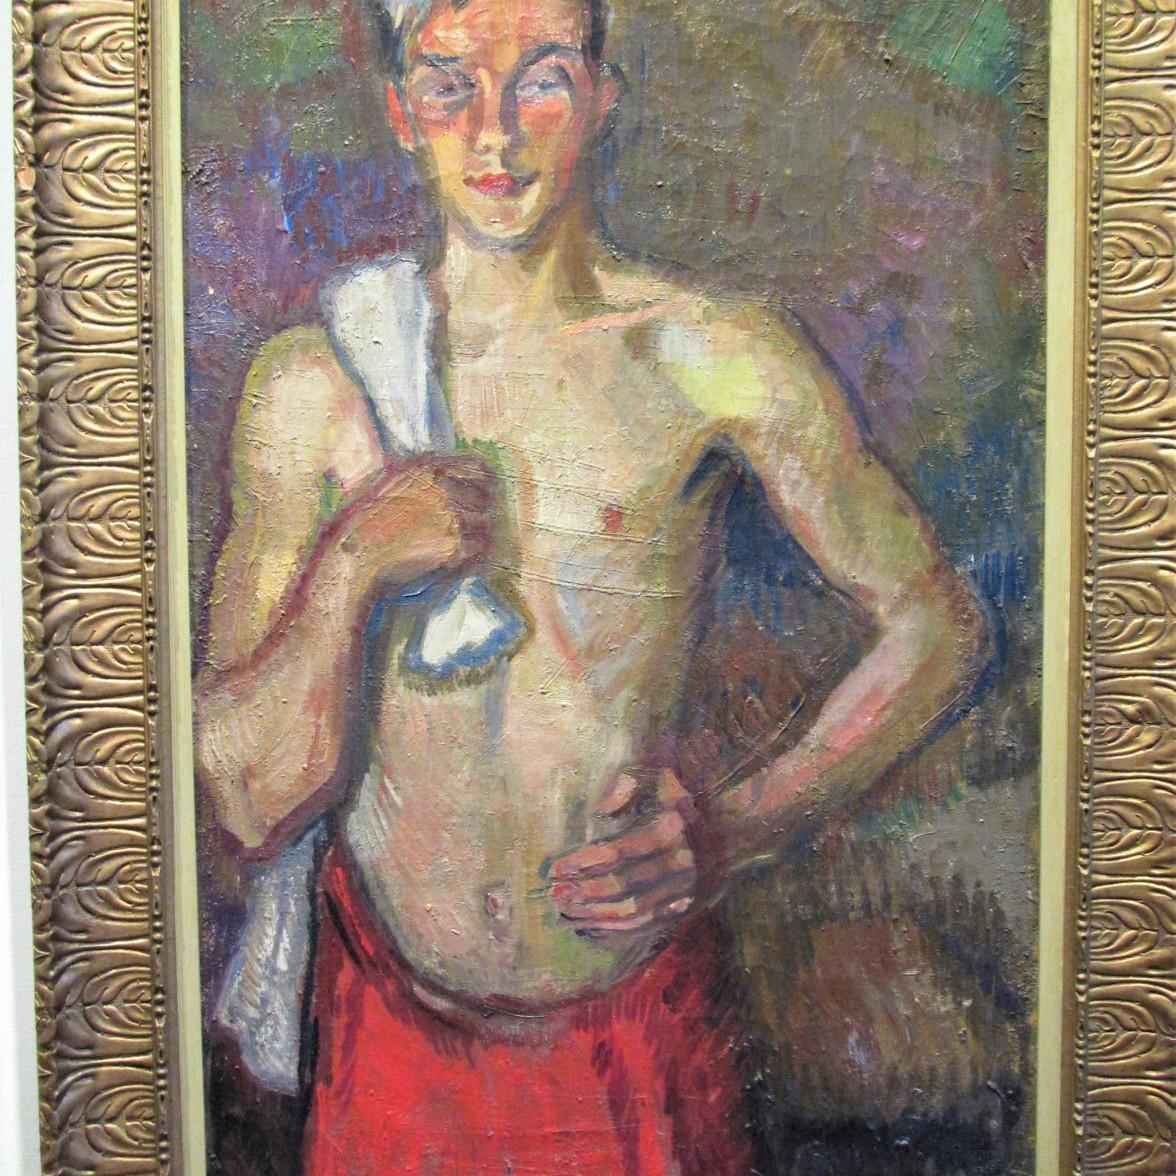 Kirpilä mies ylävartalo paljaana punainen pyyhe